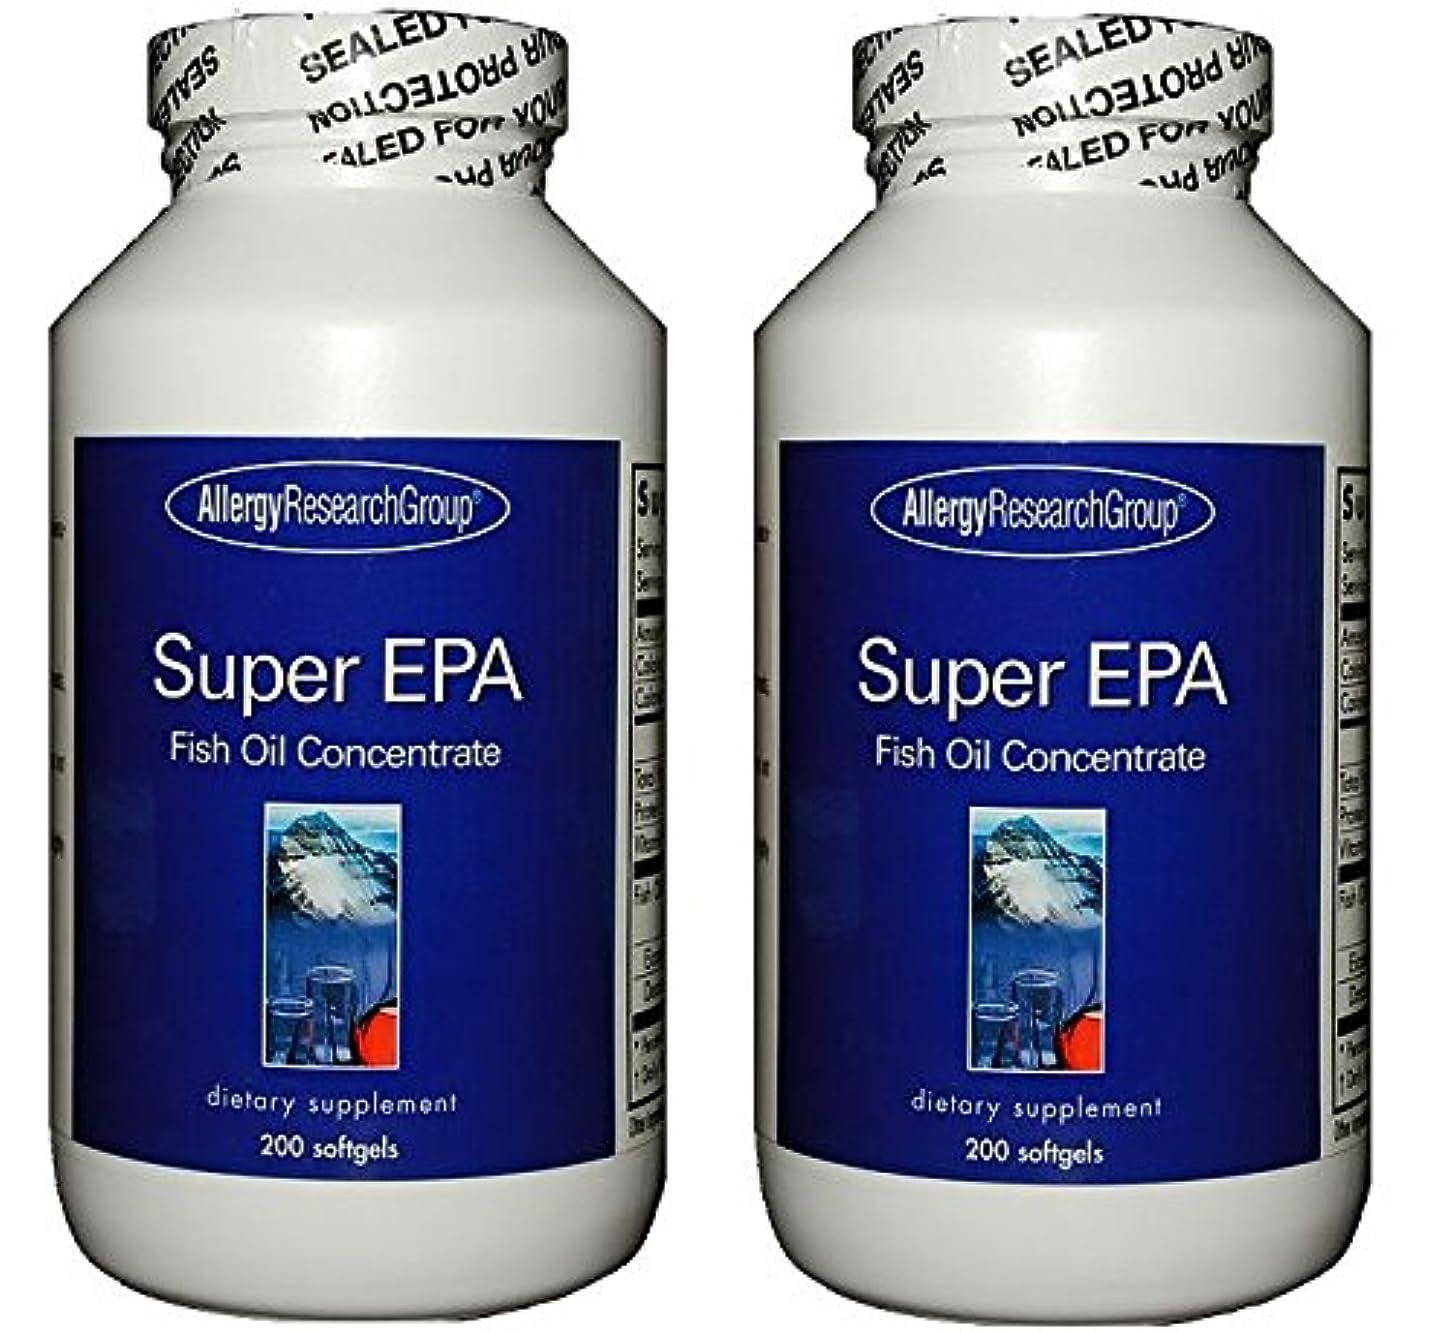 証書ラオス人化学者スーパーEPA & DHA  200ソフトカプセル (Super EPA Fish Oil Concentrate 200 softgels) [海外直送品] 2ボトル